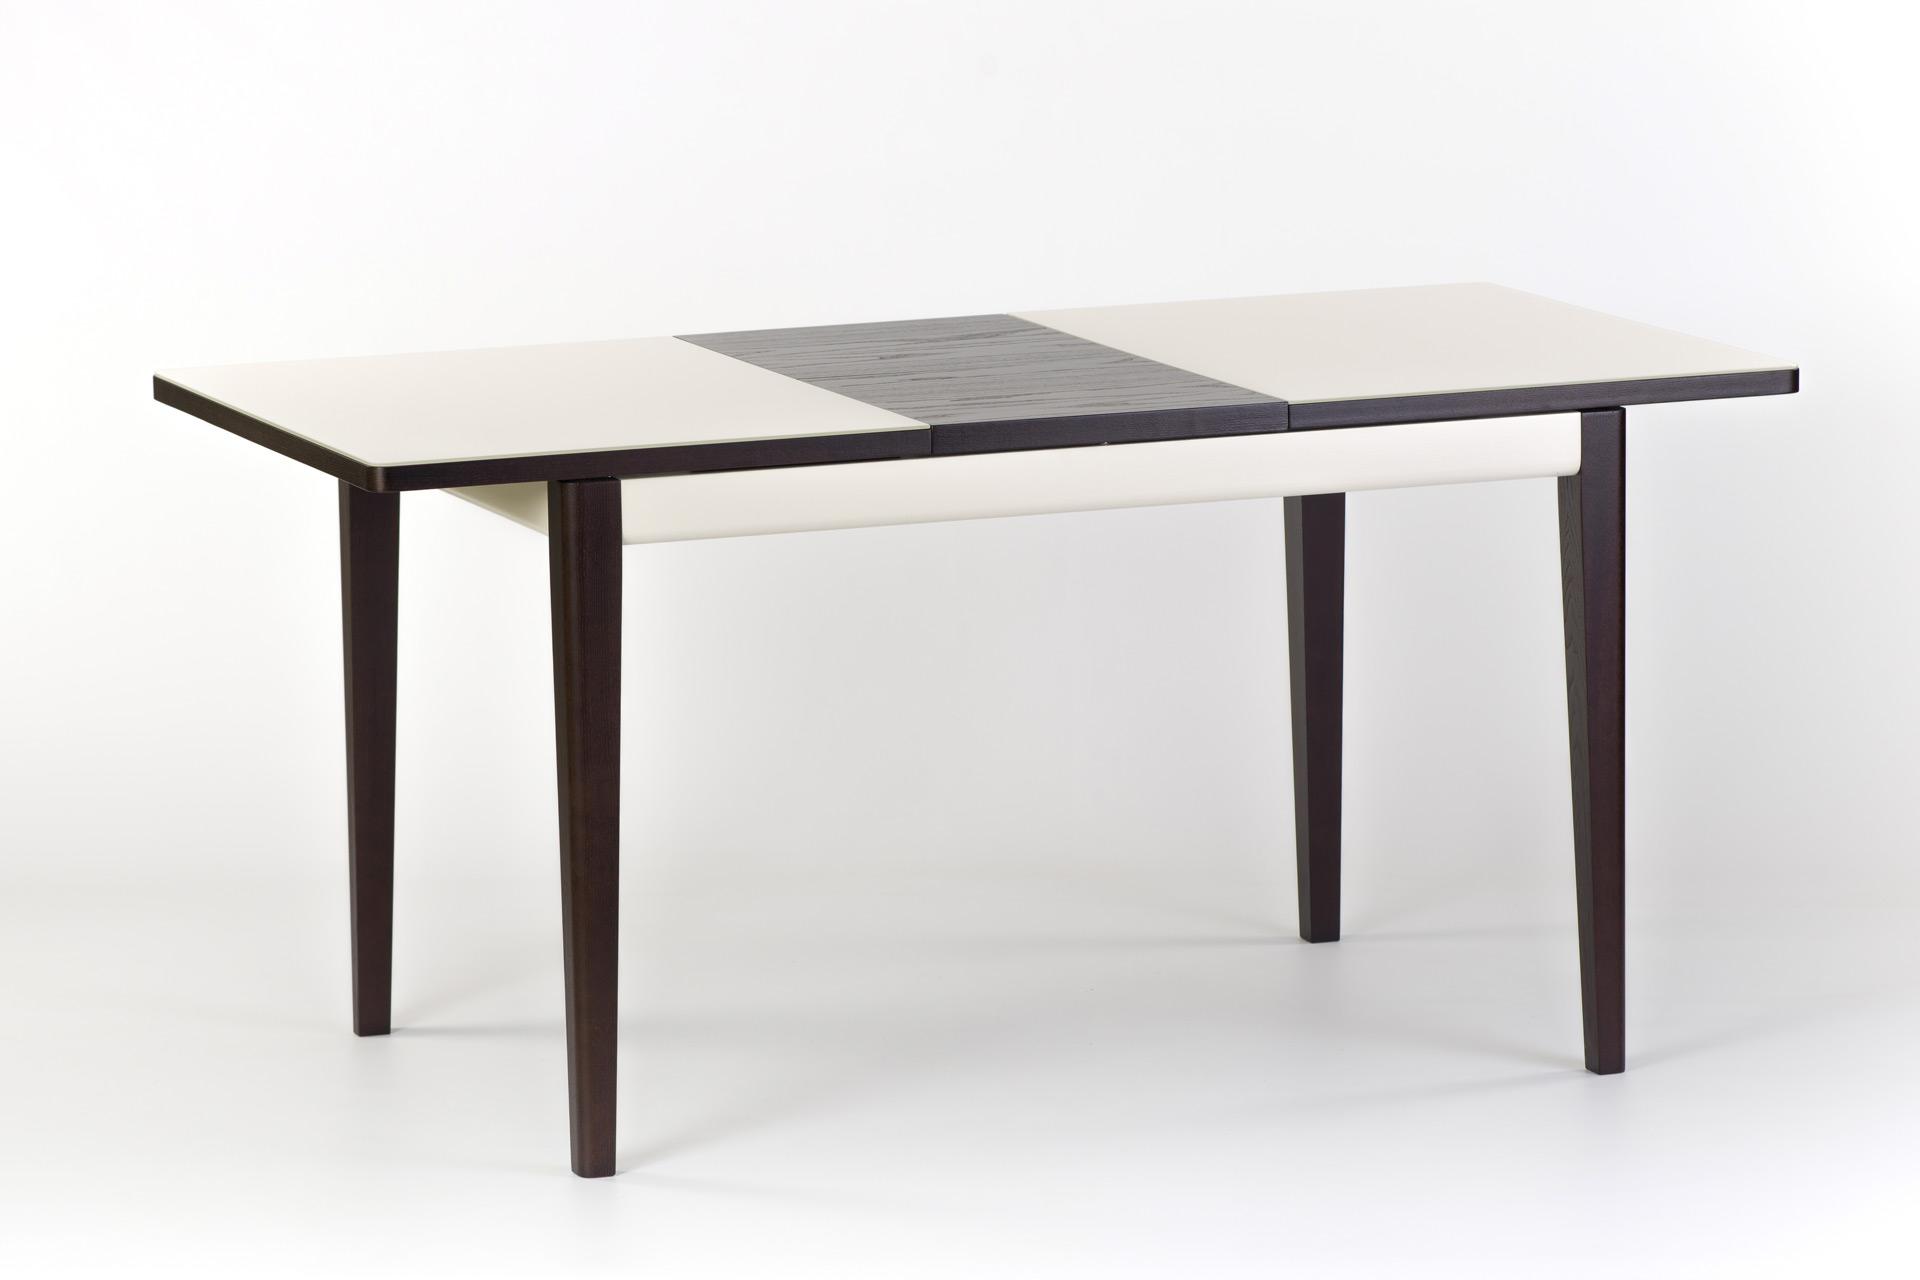 """Раскладной кухонный стол """"Фишер"""" - прямоугольный бежевая стеклянная столешница, черные ножки и царга. Разложенный"""